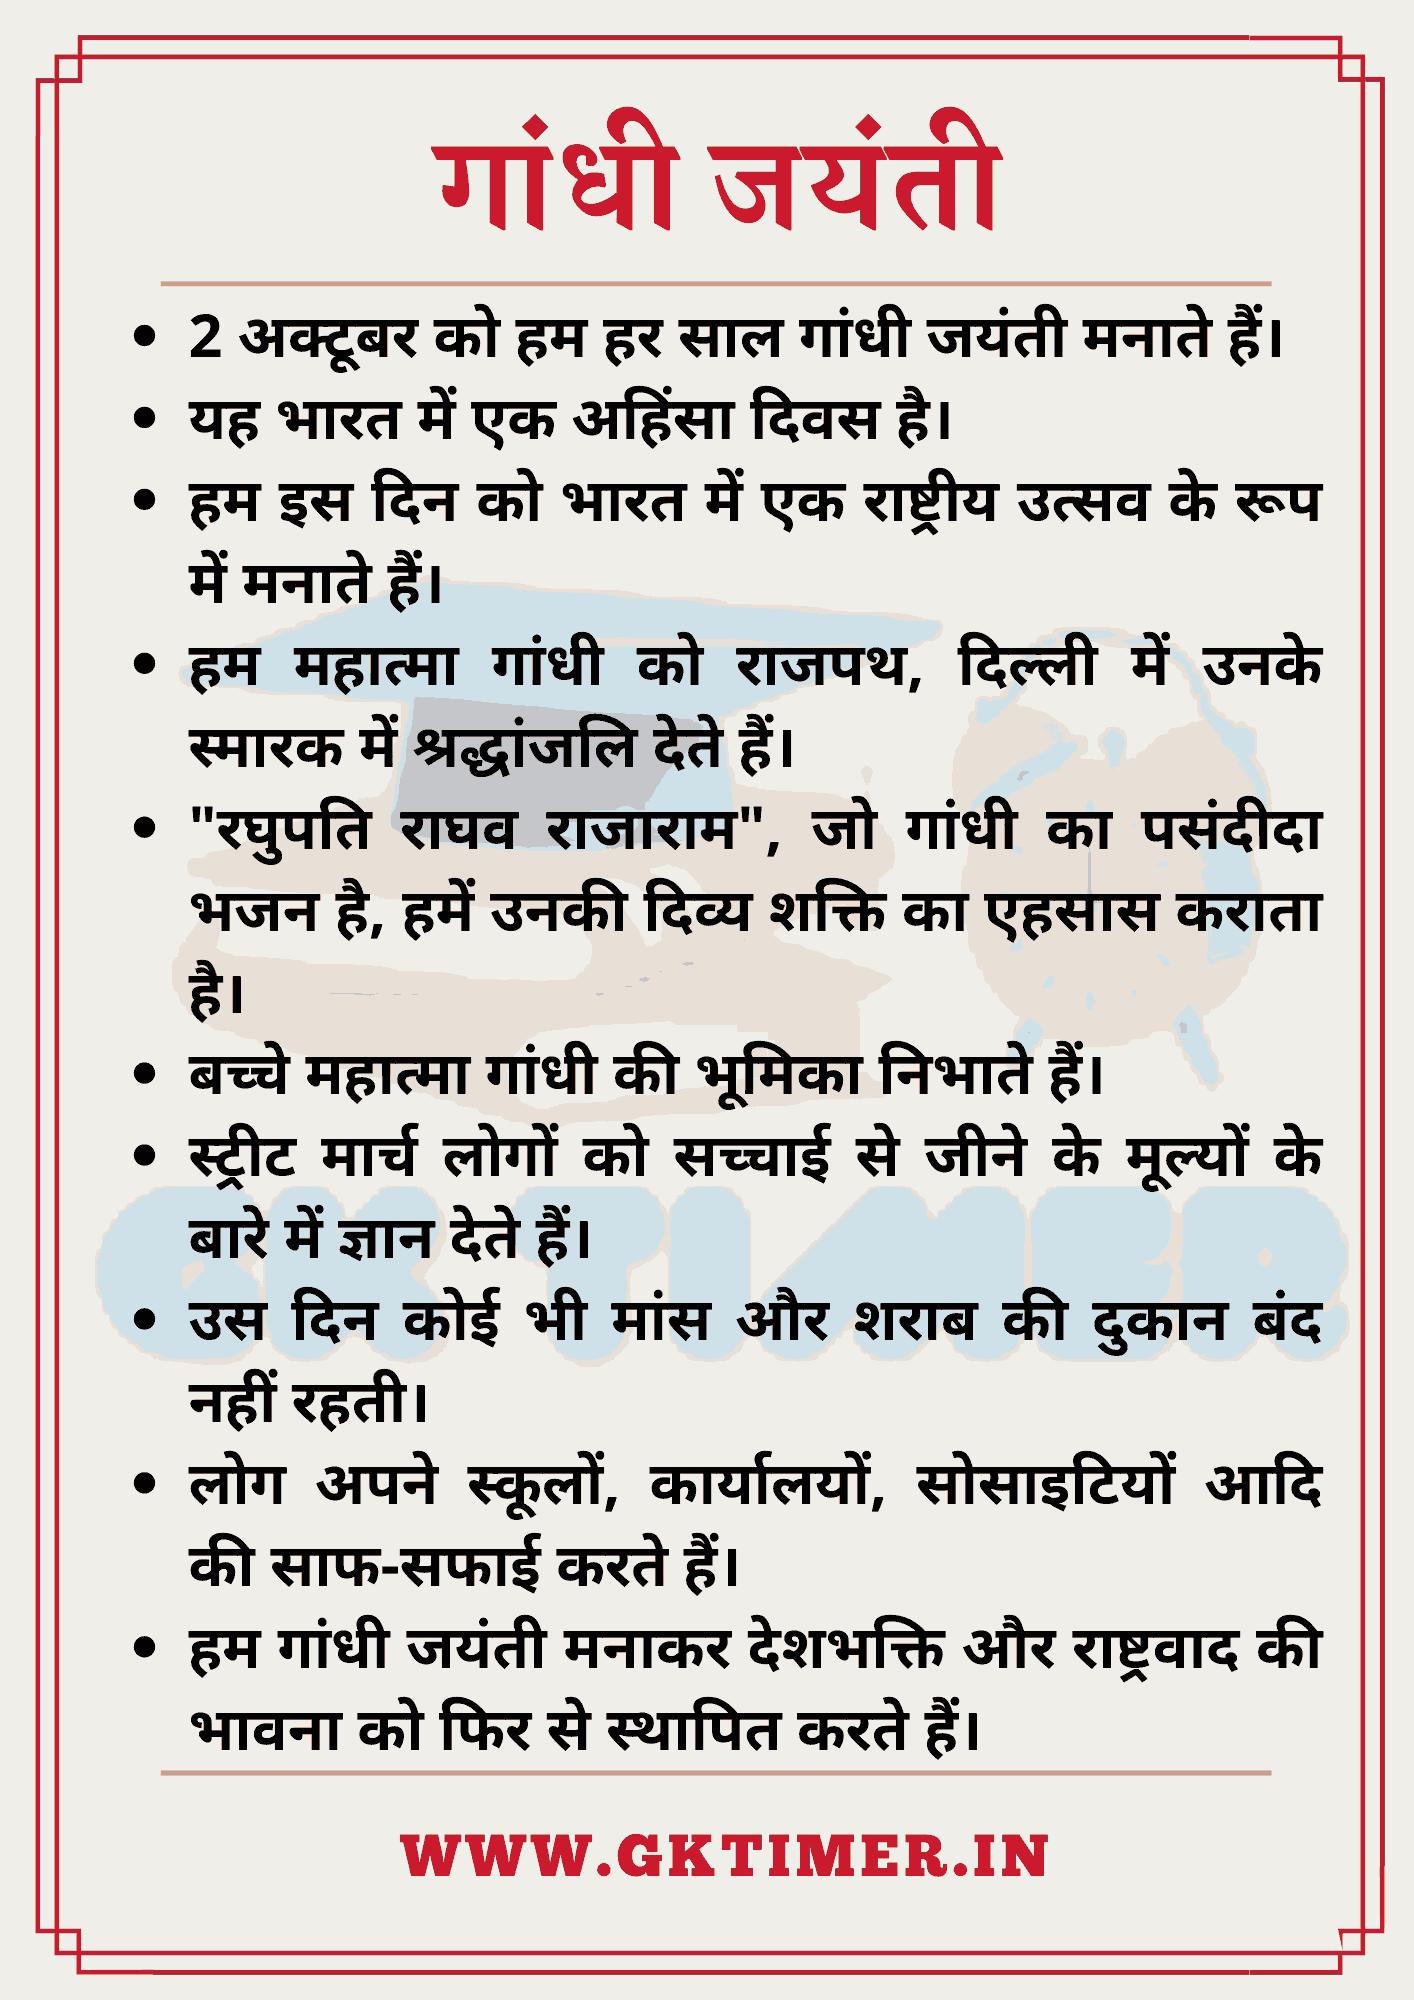 गांधी जयंती पर निबंध   Essay on Gandhi Jayanti in Hindi   10 Lines on Gandhi Jayanti in Hindi